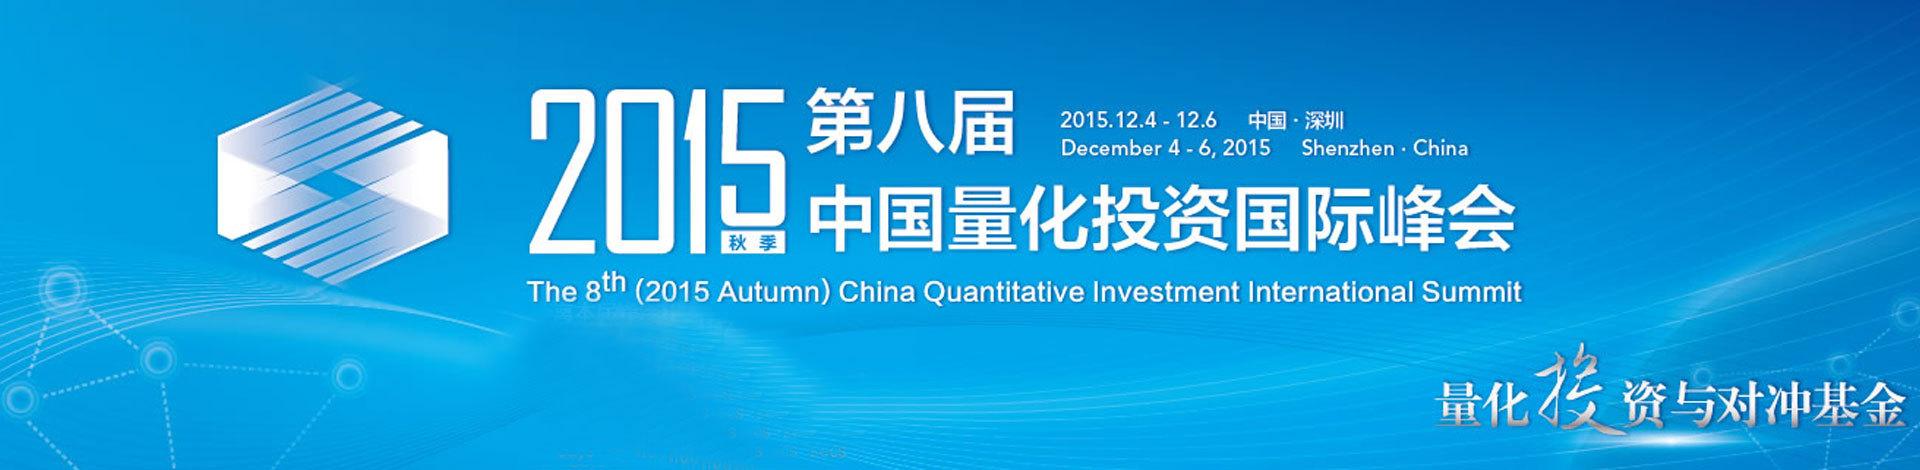 2015秋季(第八届)中国量化投资国际峰会